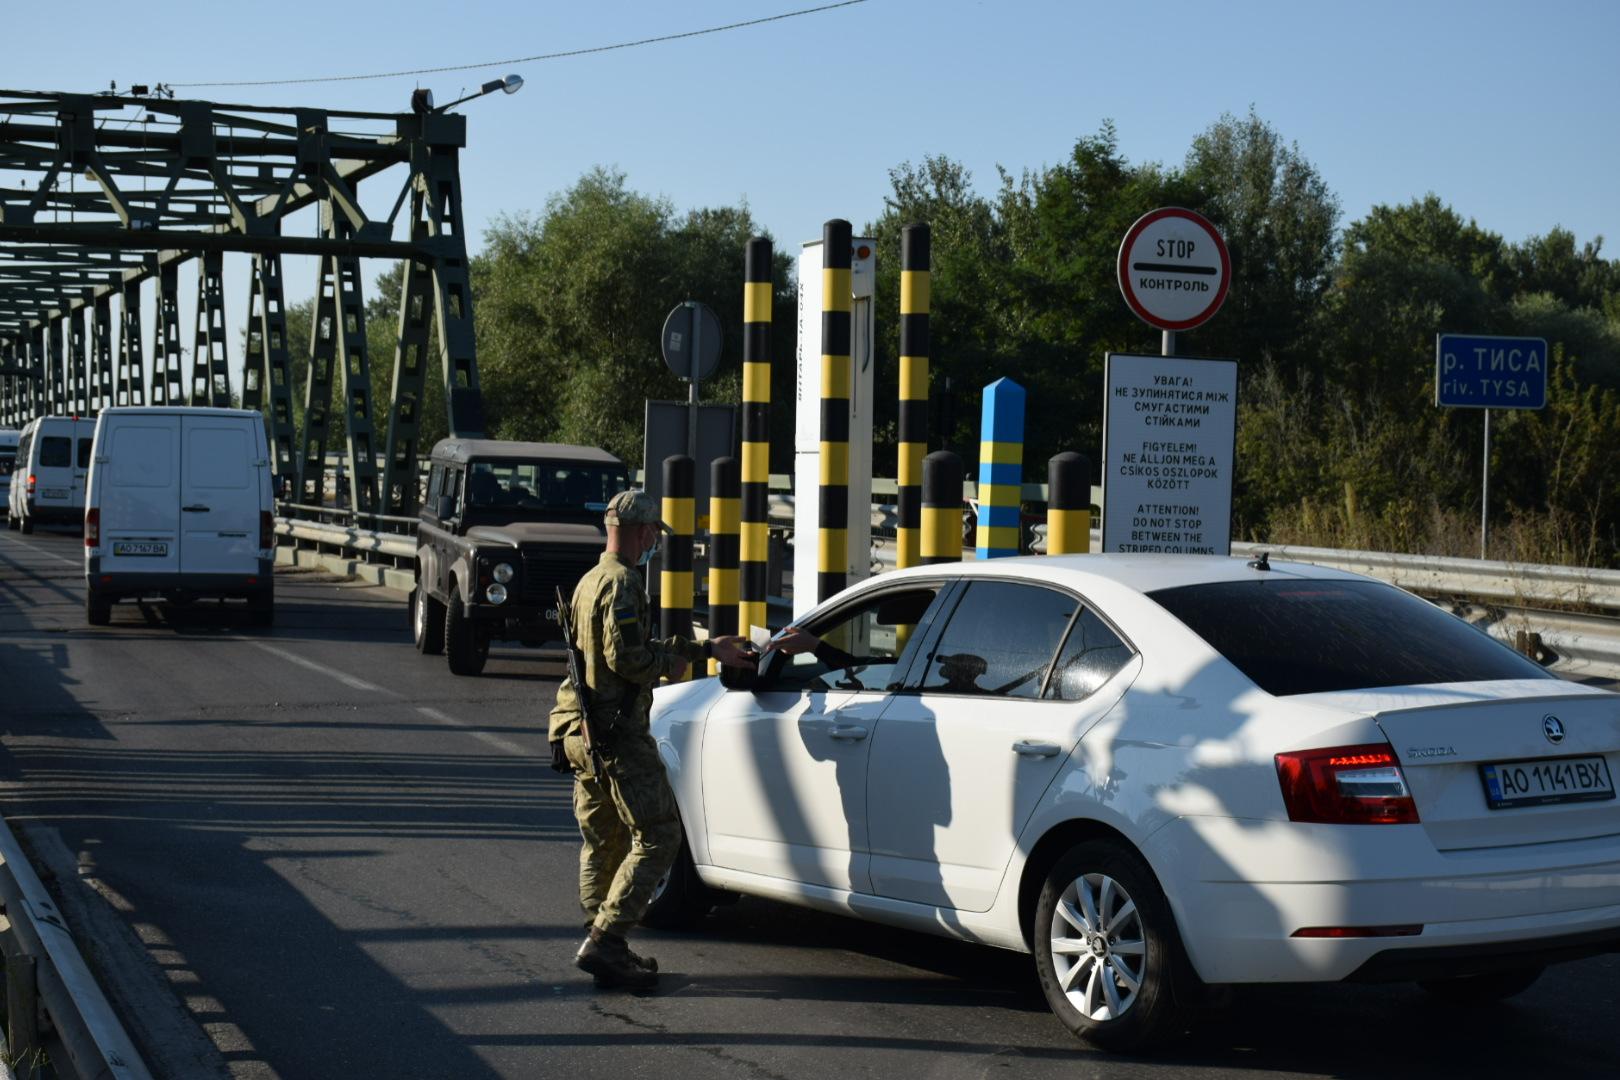 Відповідно до повідомлення Поліції Угорщини, з 20 по 22 жовтня цього року у пункті пропуску